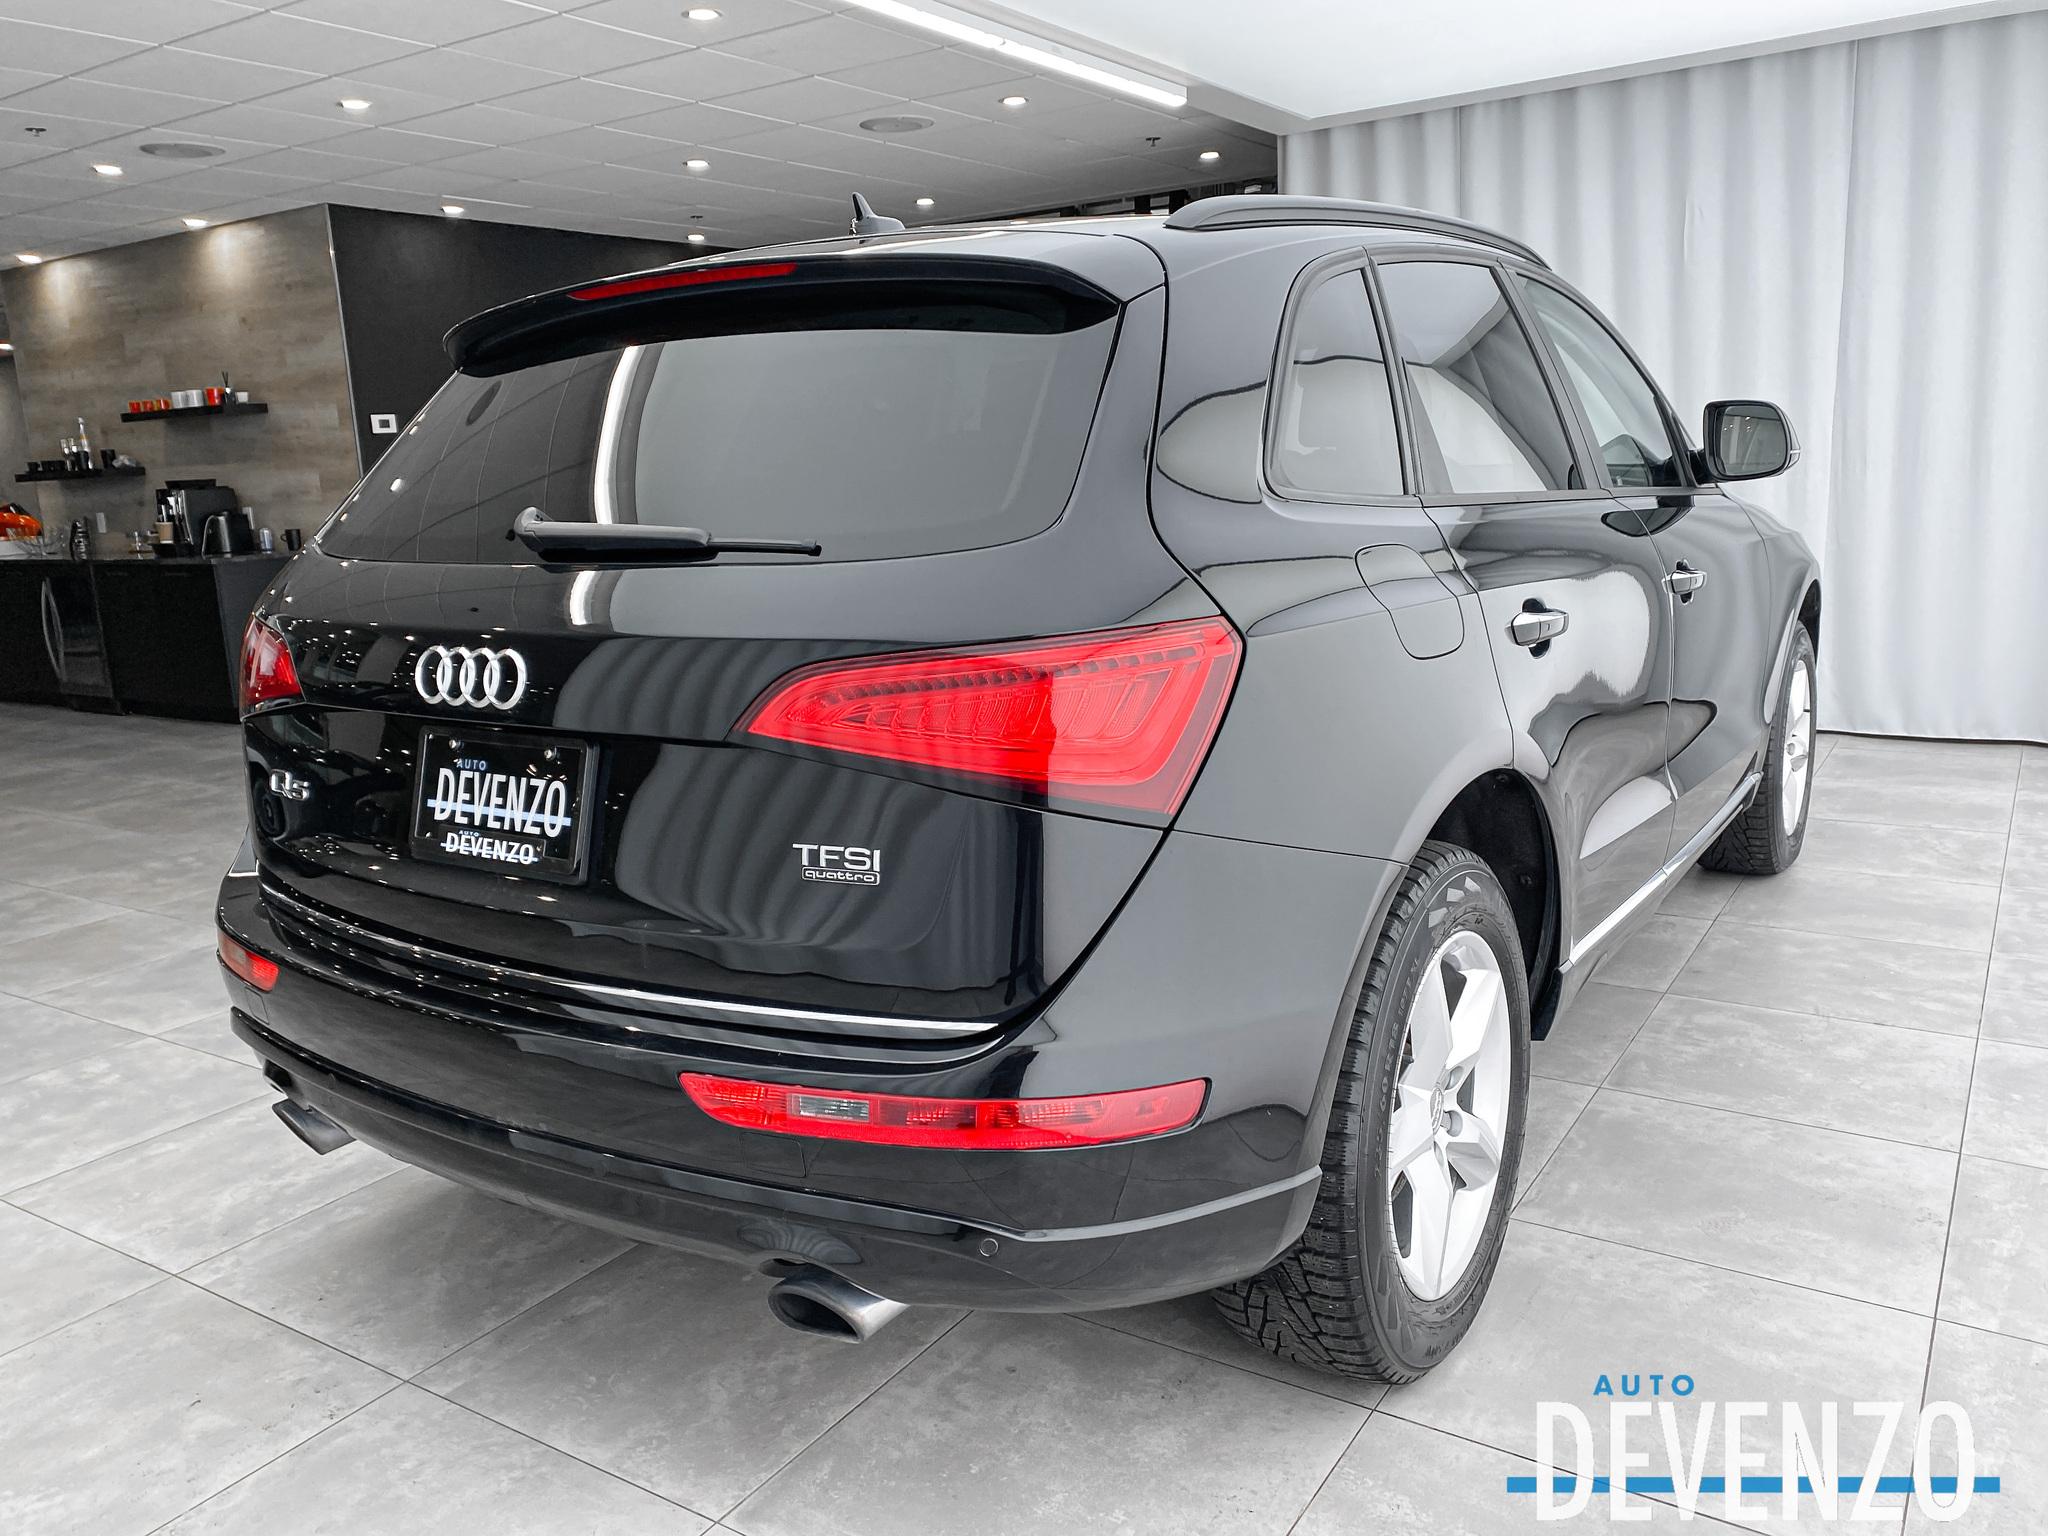 2017 Audi Q5 QUATTRO KOMFORT 2.0T TOIT PANORAMIQUE / CAMERA complet